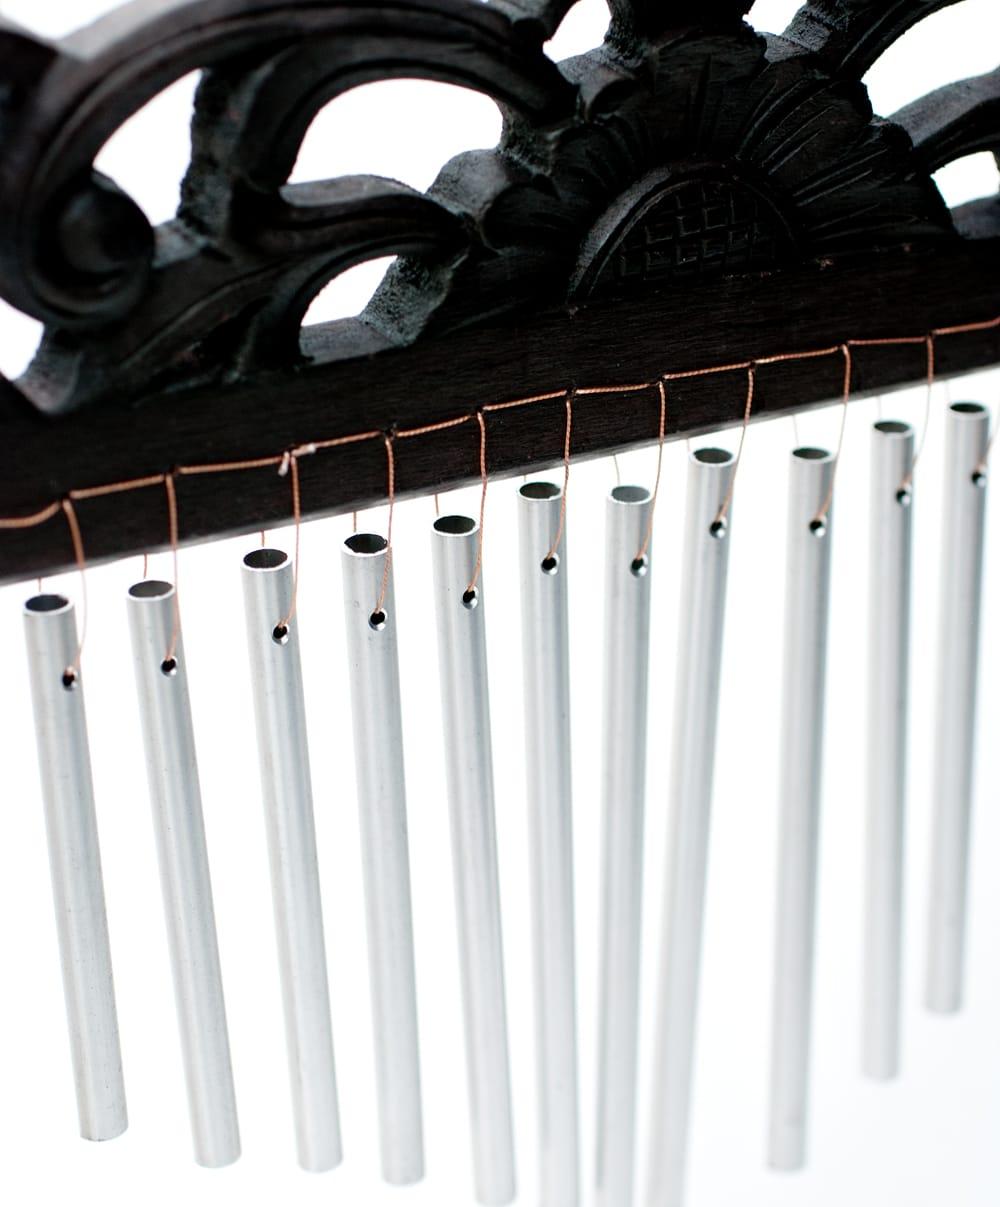 〔黒系〕バリ島のハンガーチャイム【26cm×40cm】 4 - 揺れると澄んだ綺麗な音色がします。